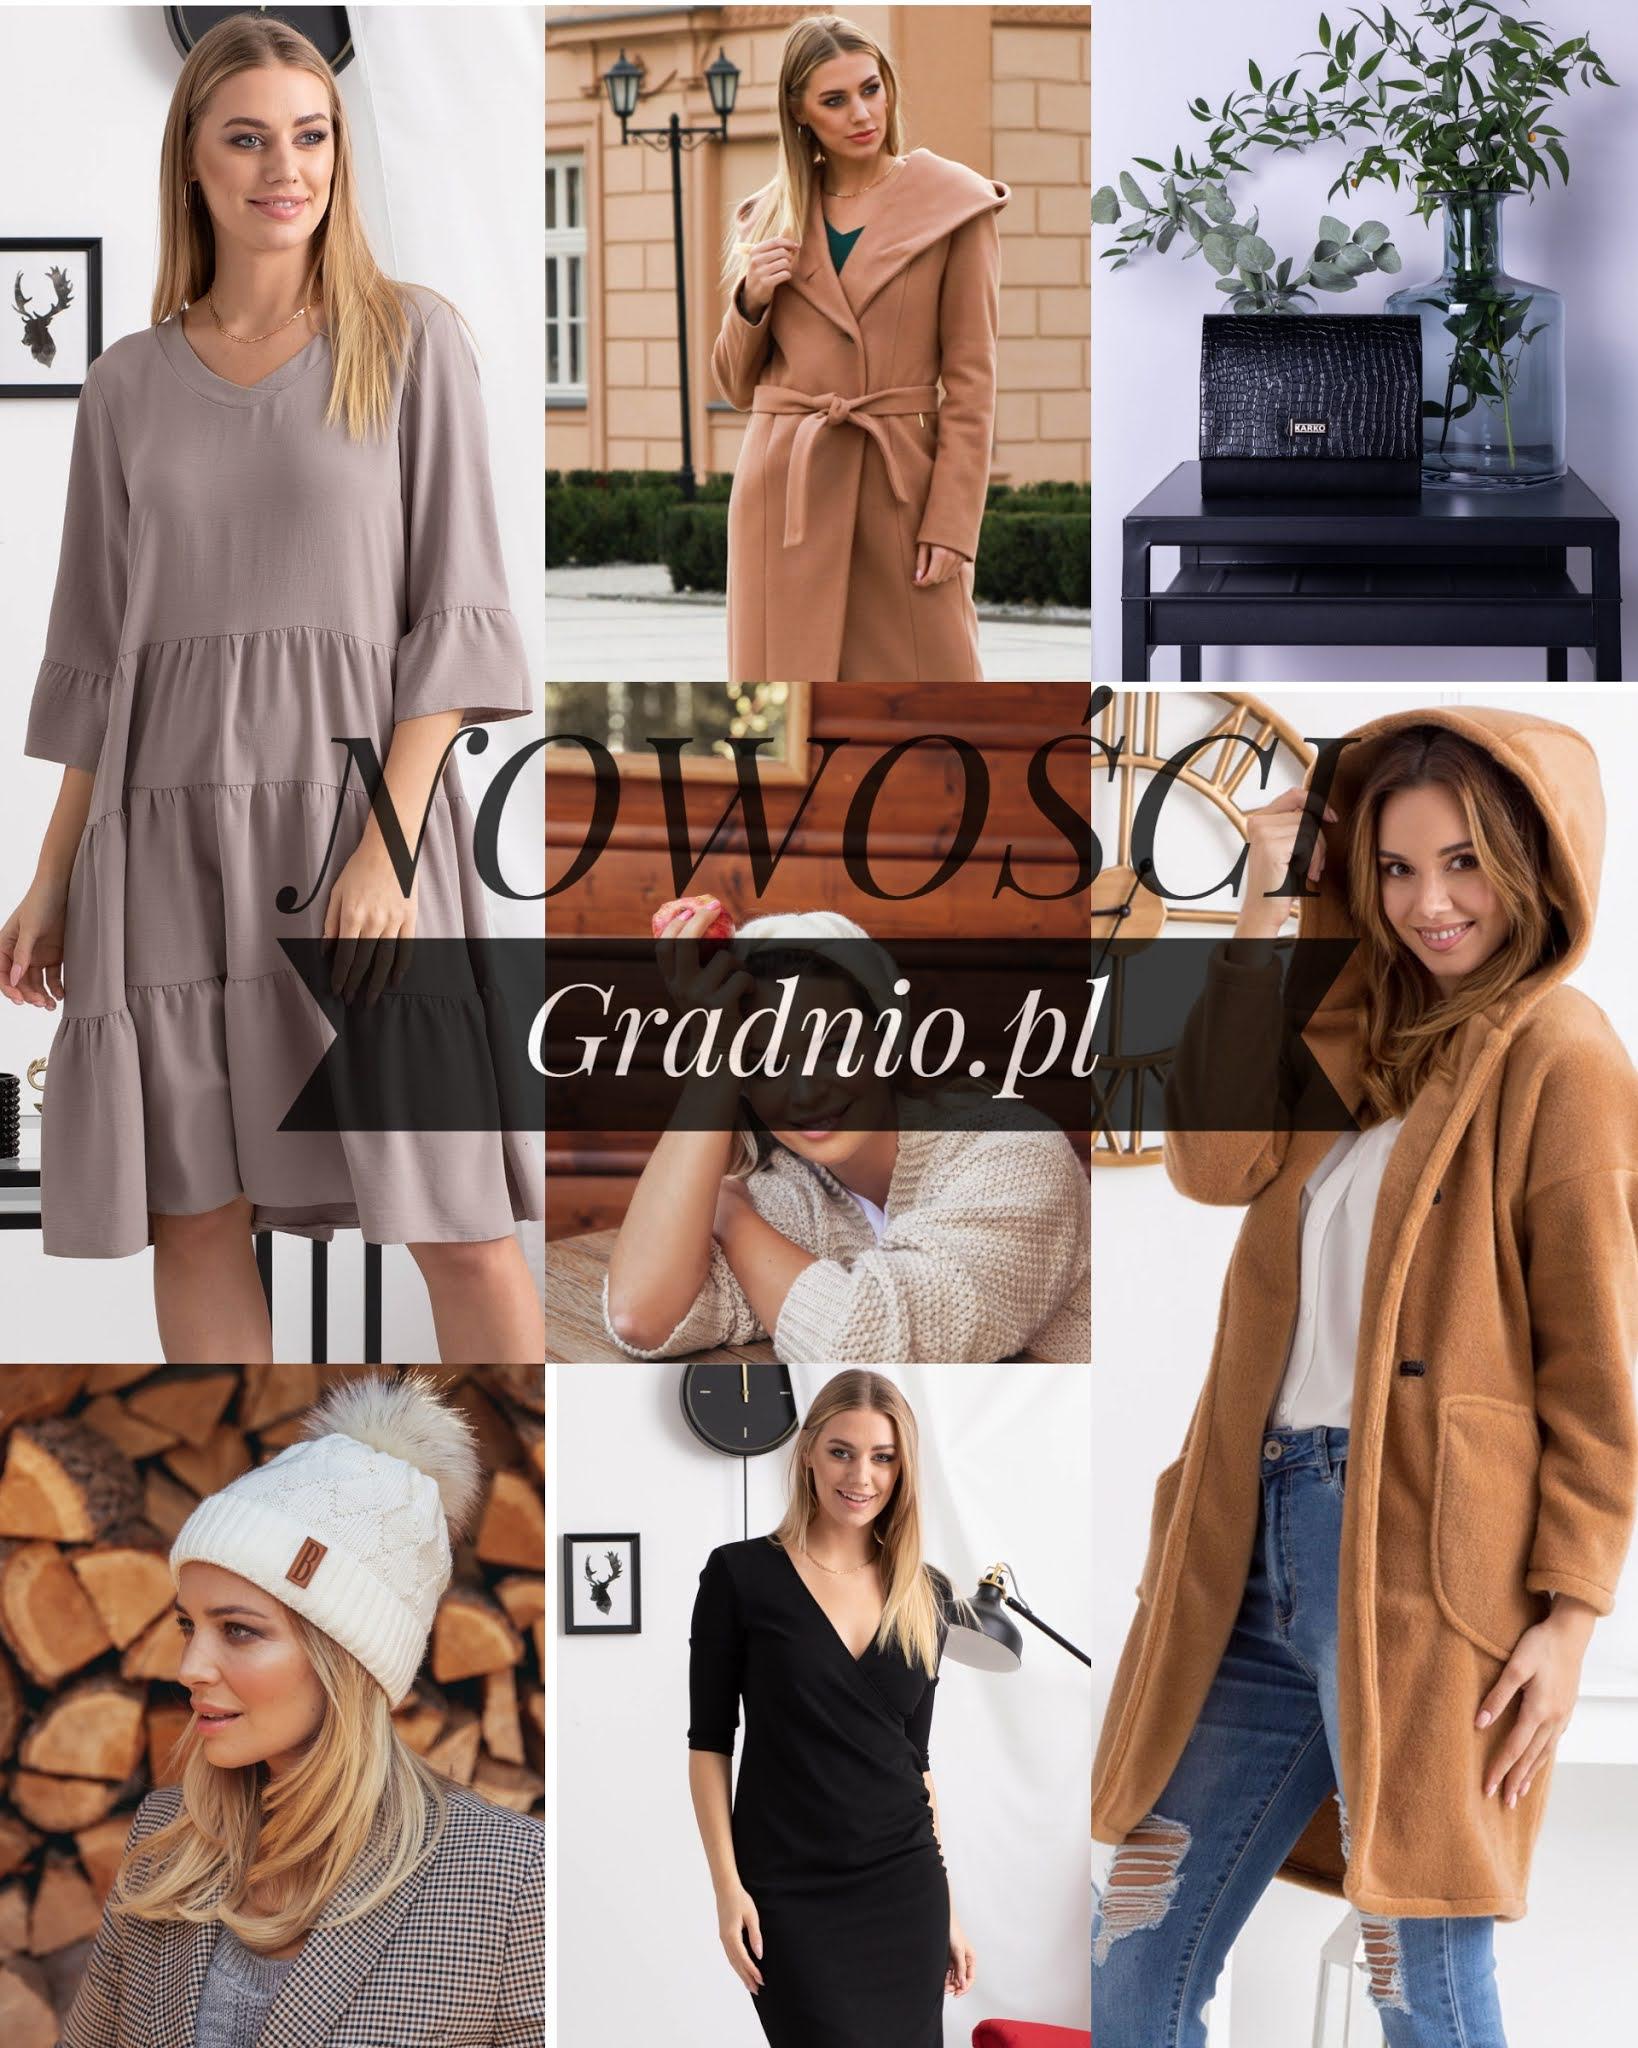 Nowości w sklepie Grandio.pl - przegląd sklepu i moje TOP 3